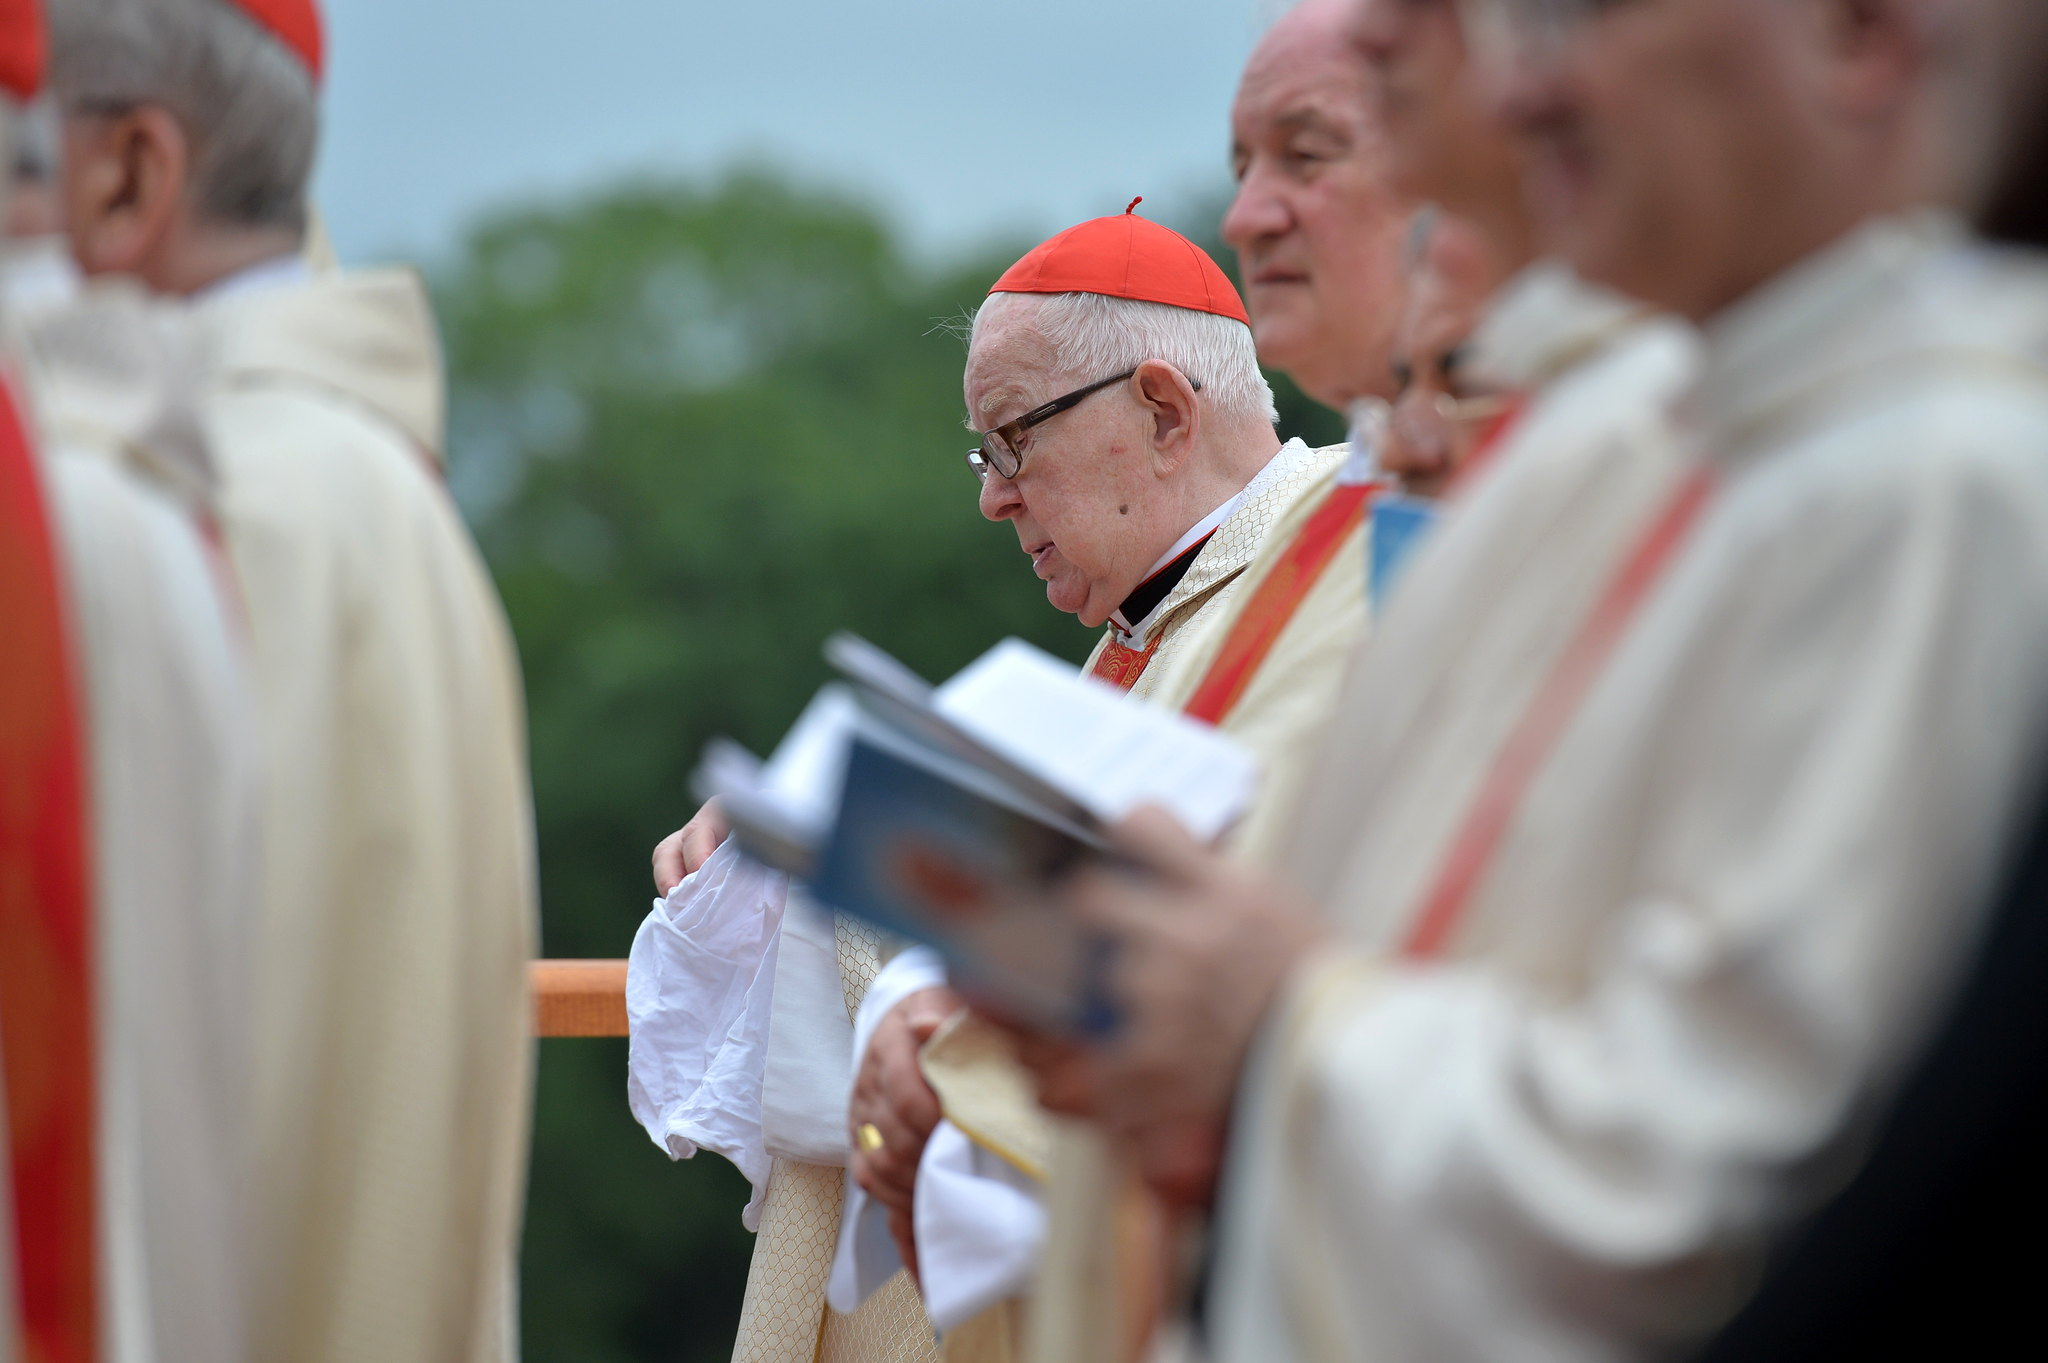 Miasto nie chce u siebie kardynała, który gwałcił dzieci. Gulbinowicz utracił honorowe obywatelstwo